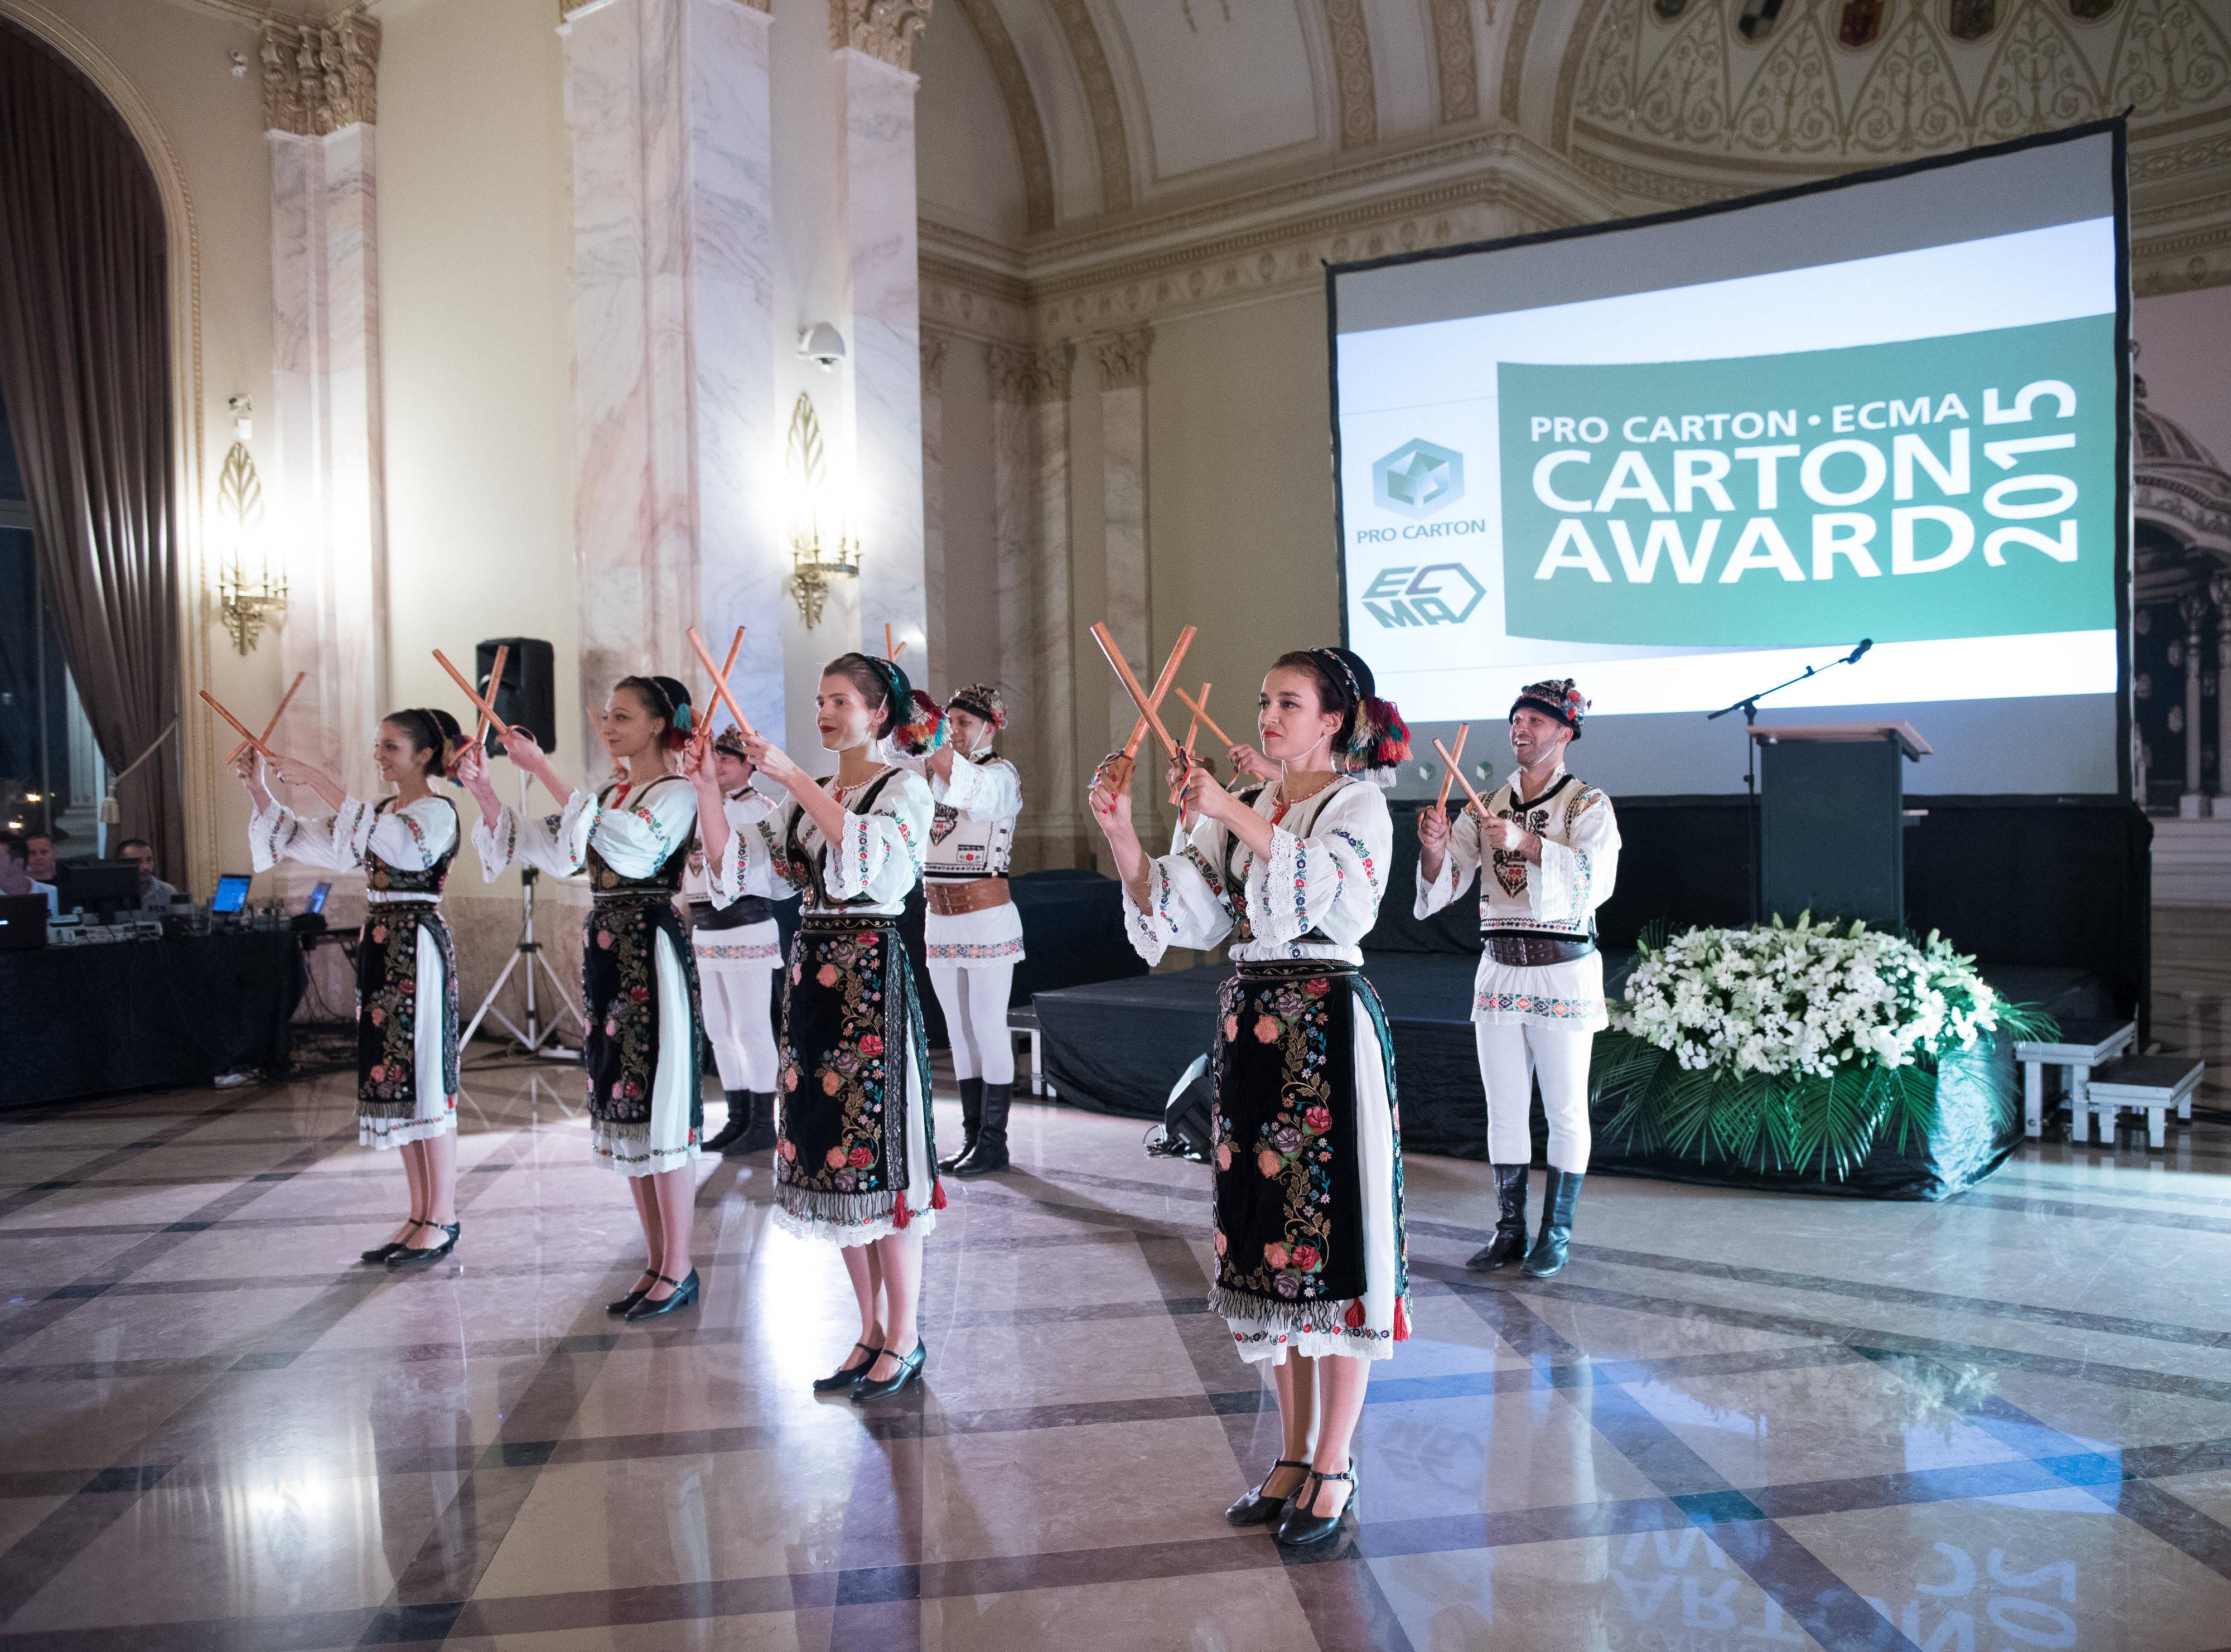 Pro Carton ECMA Award Gala 2015 26